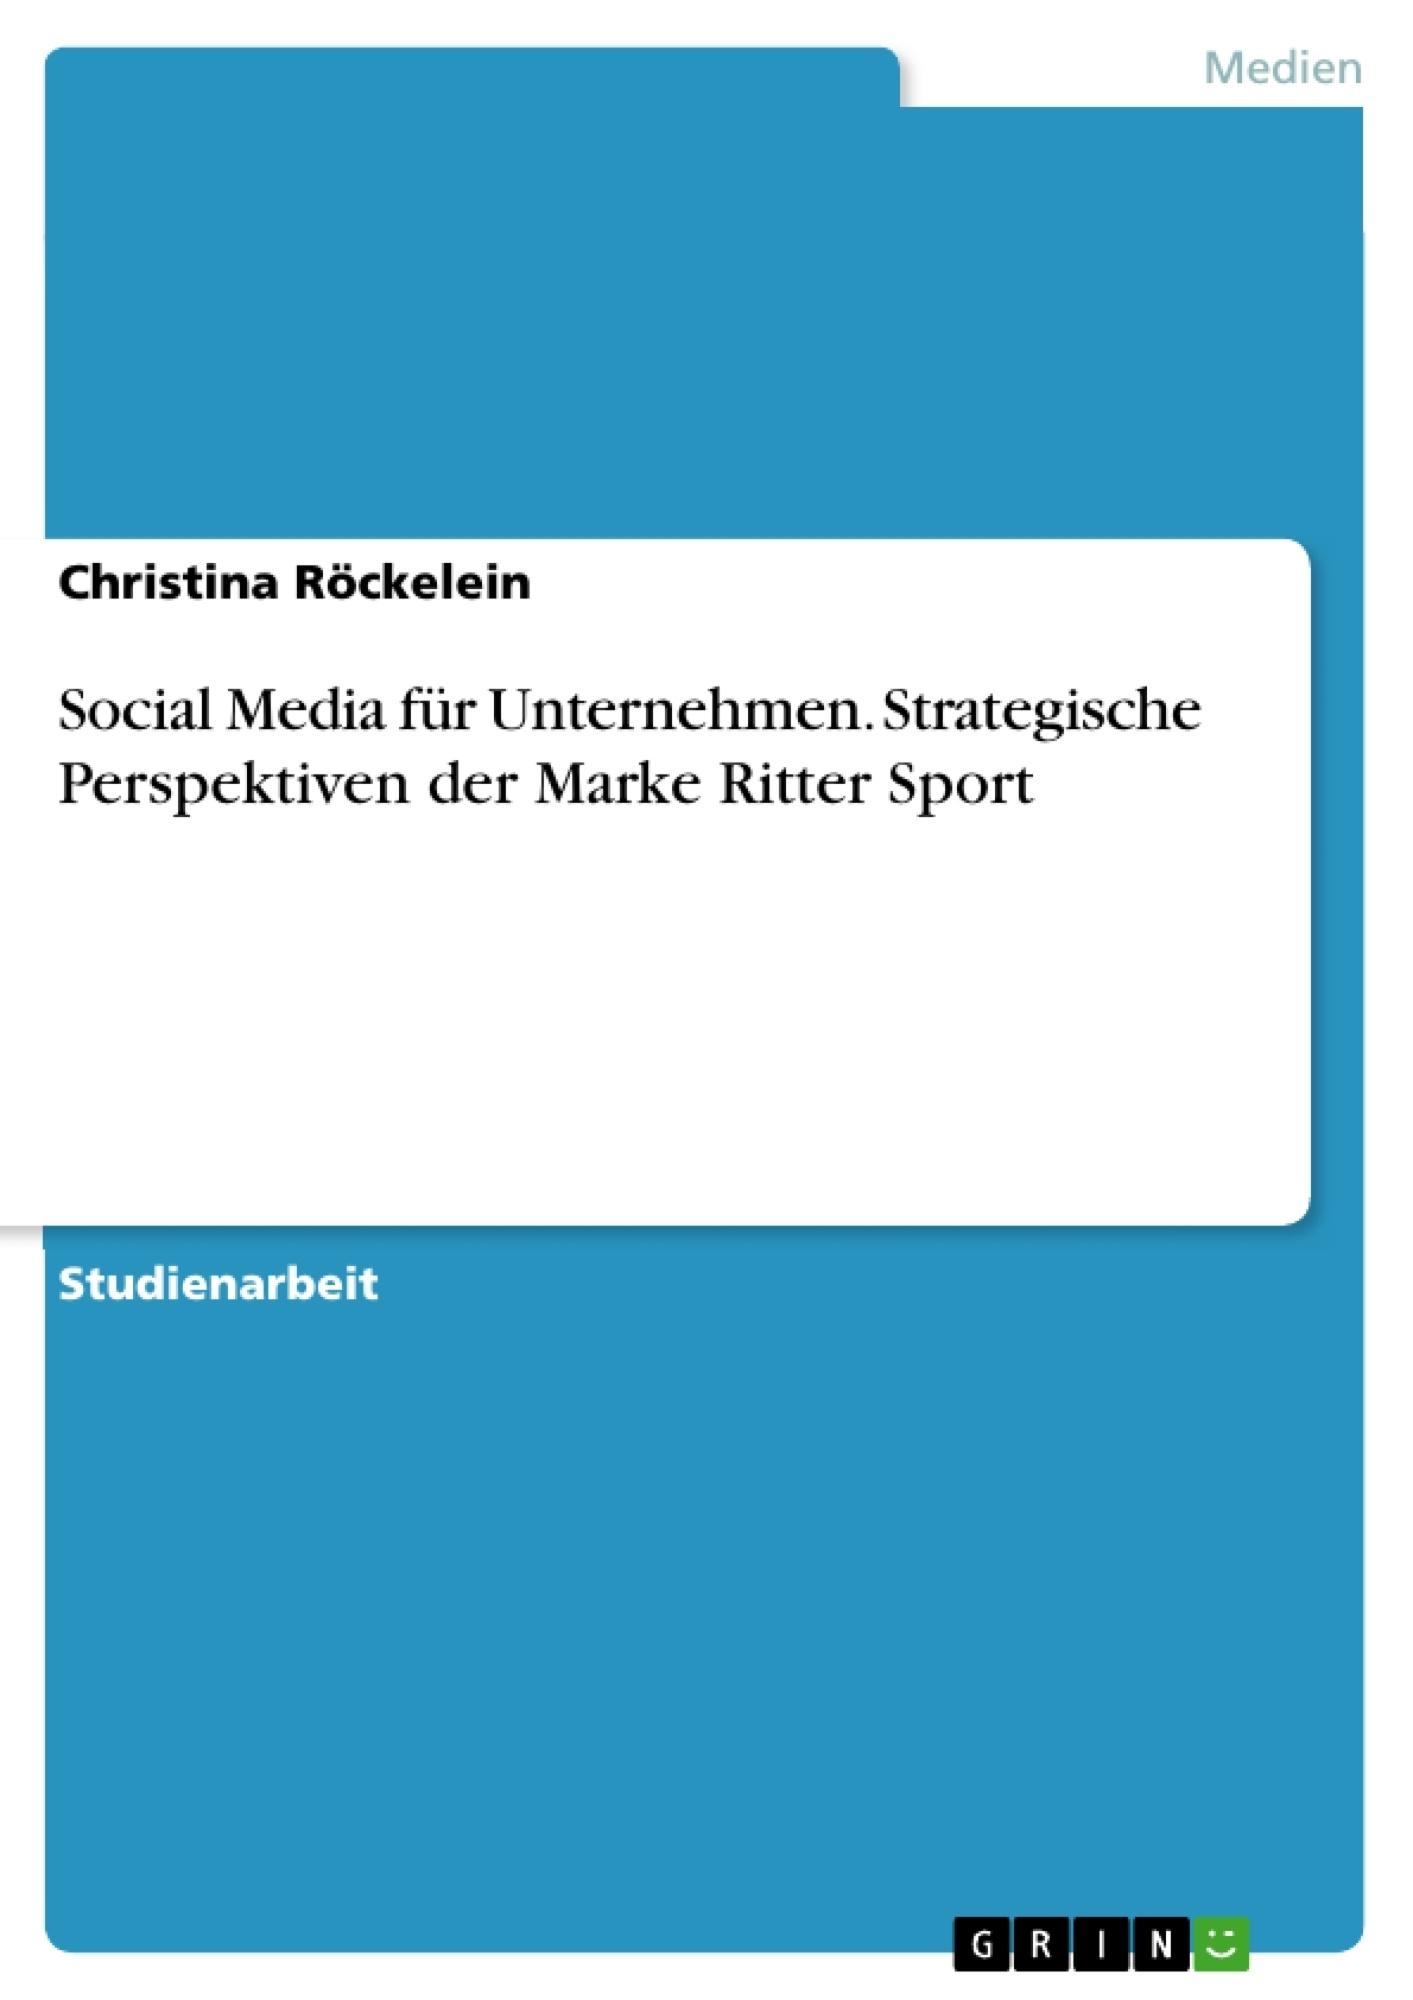 Titel: Social Media für Unternehmen. Strategische Perspektiven der Marke Ritter Sport